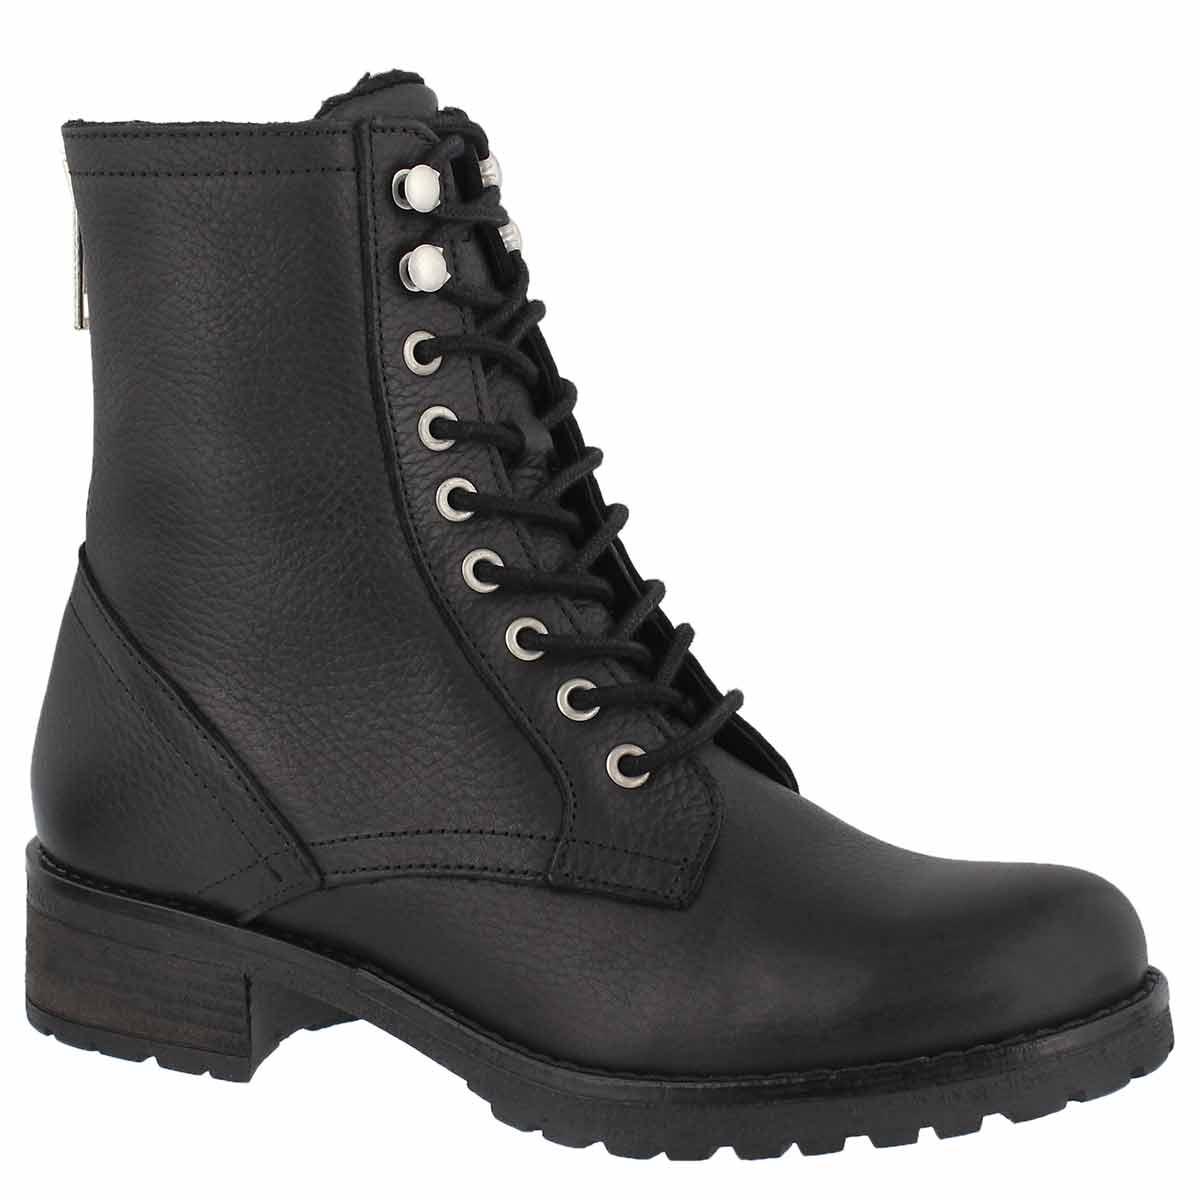 Women's BRIONNA black lace up combat boots